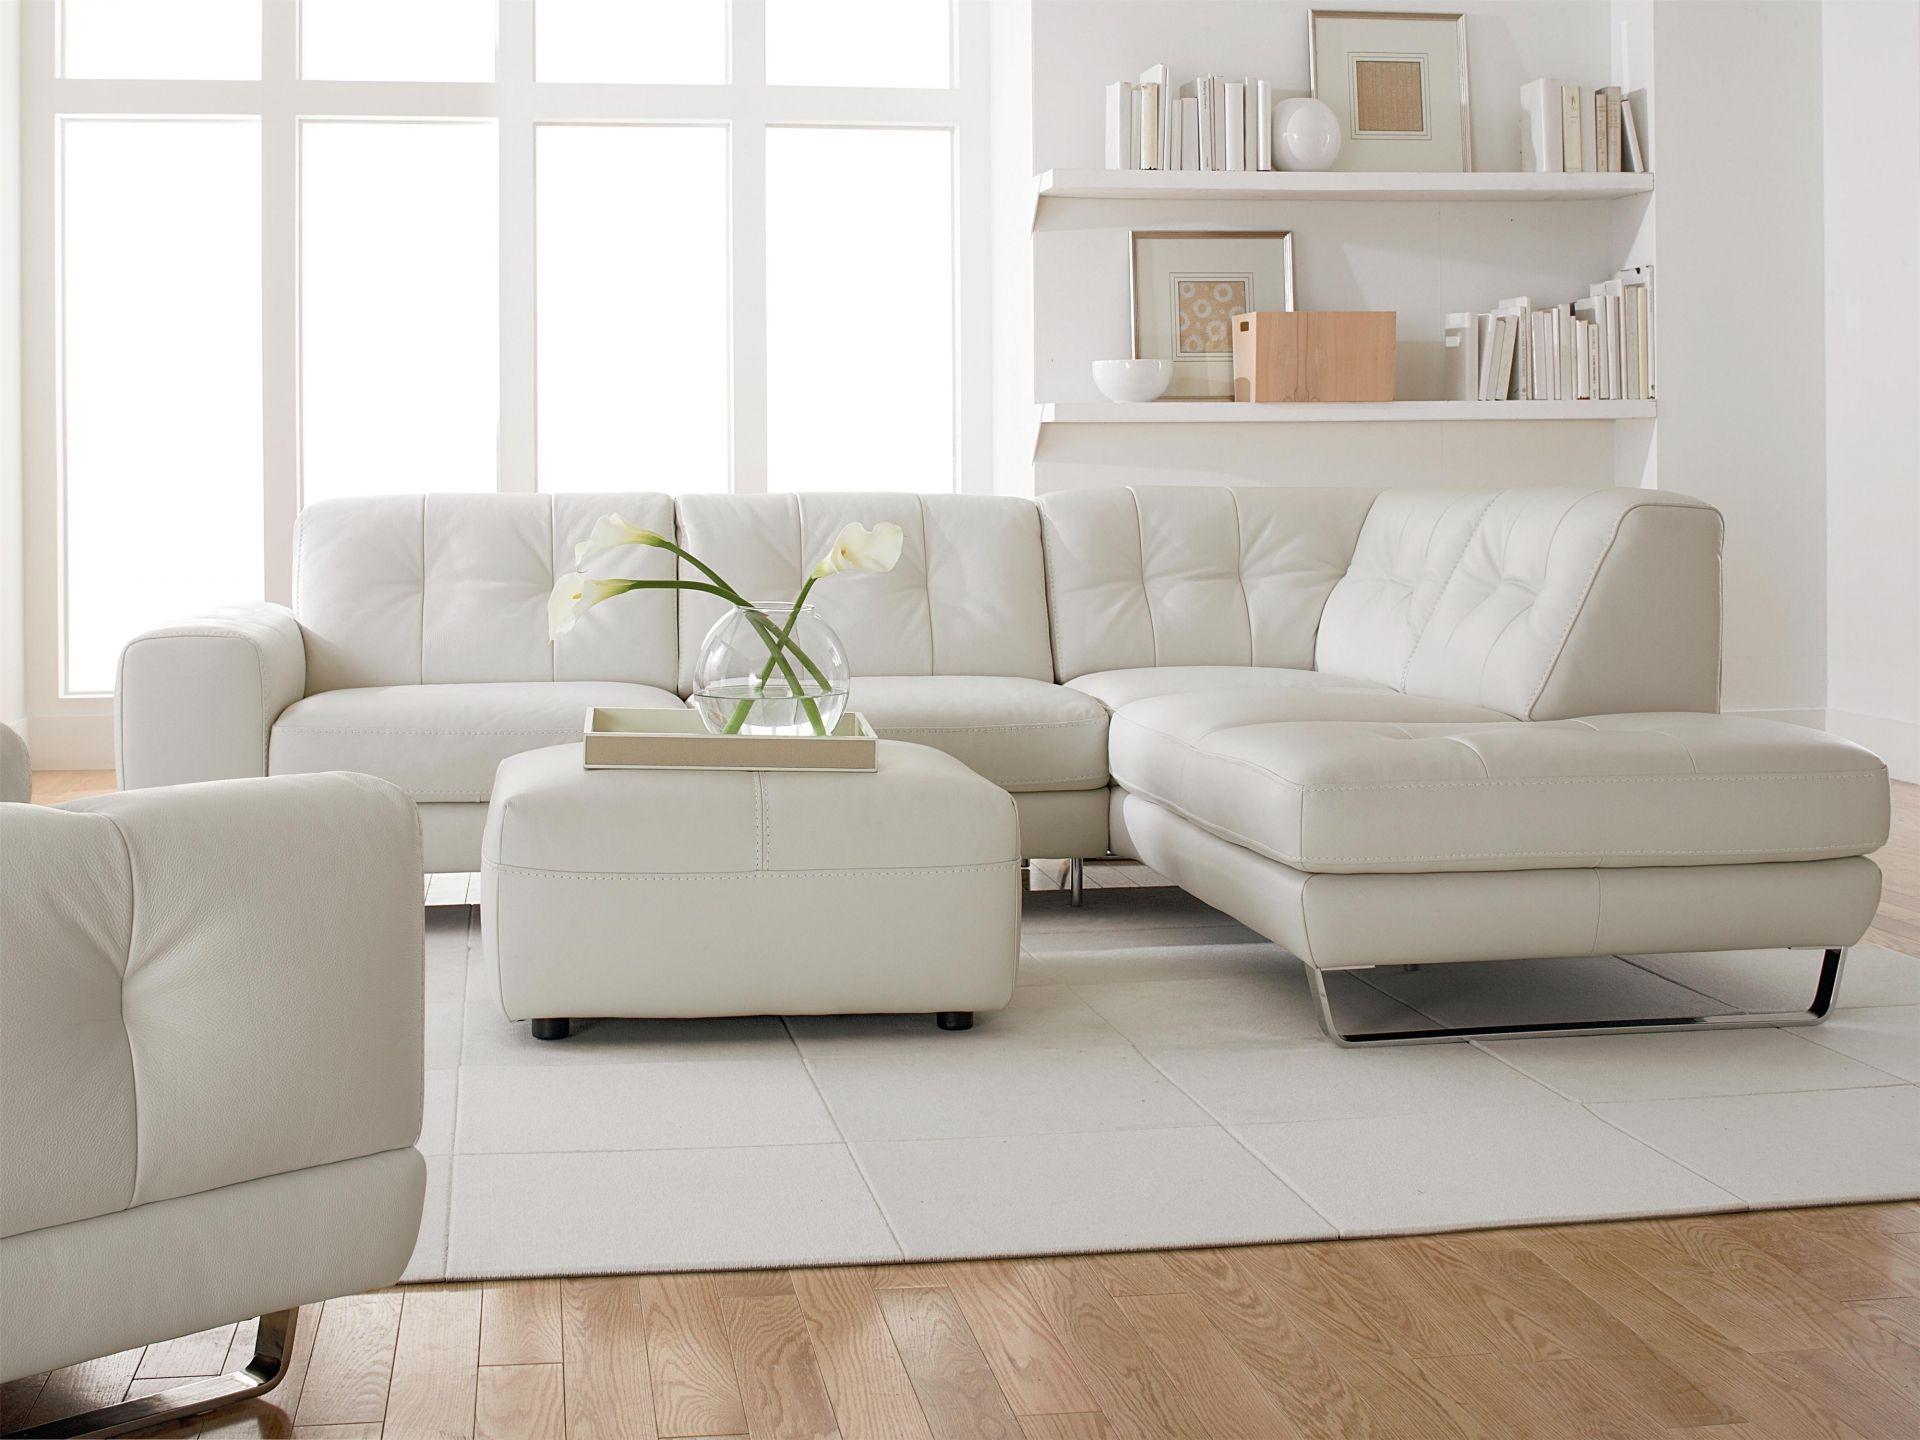 Белый кожаный угловой диван, кресло и пуф в интерьере